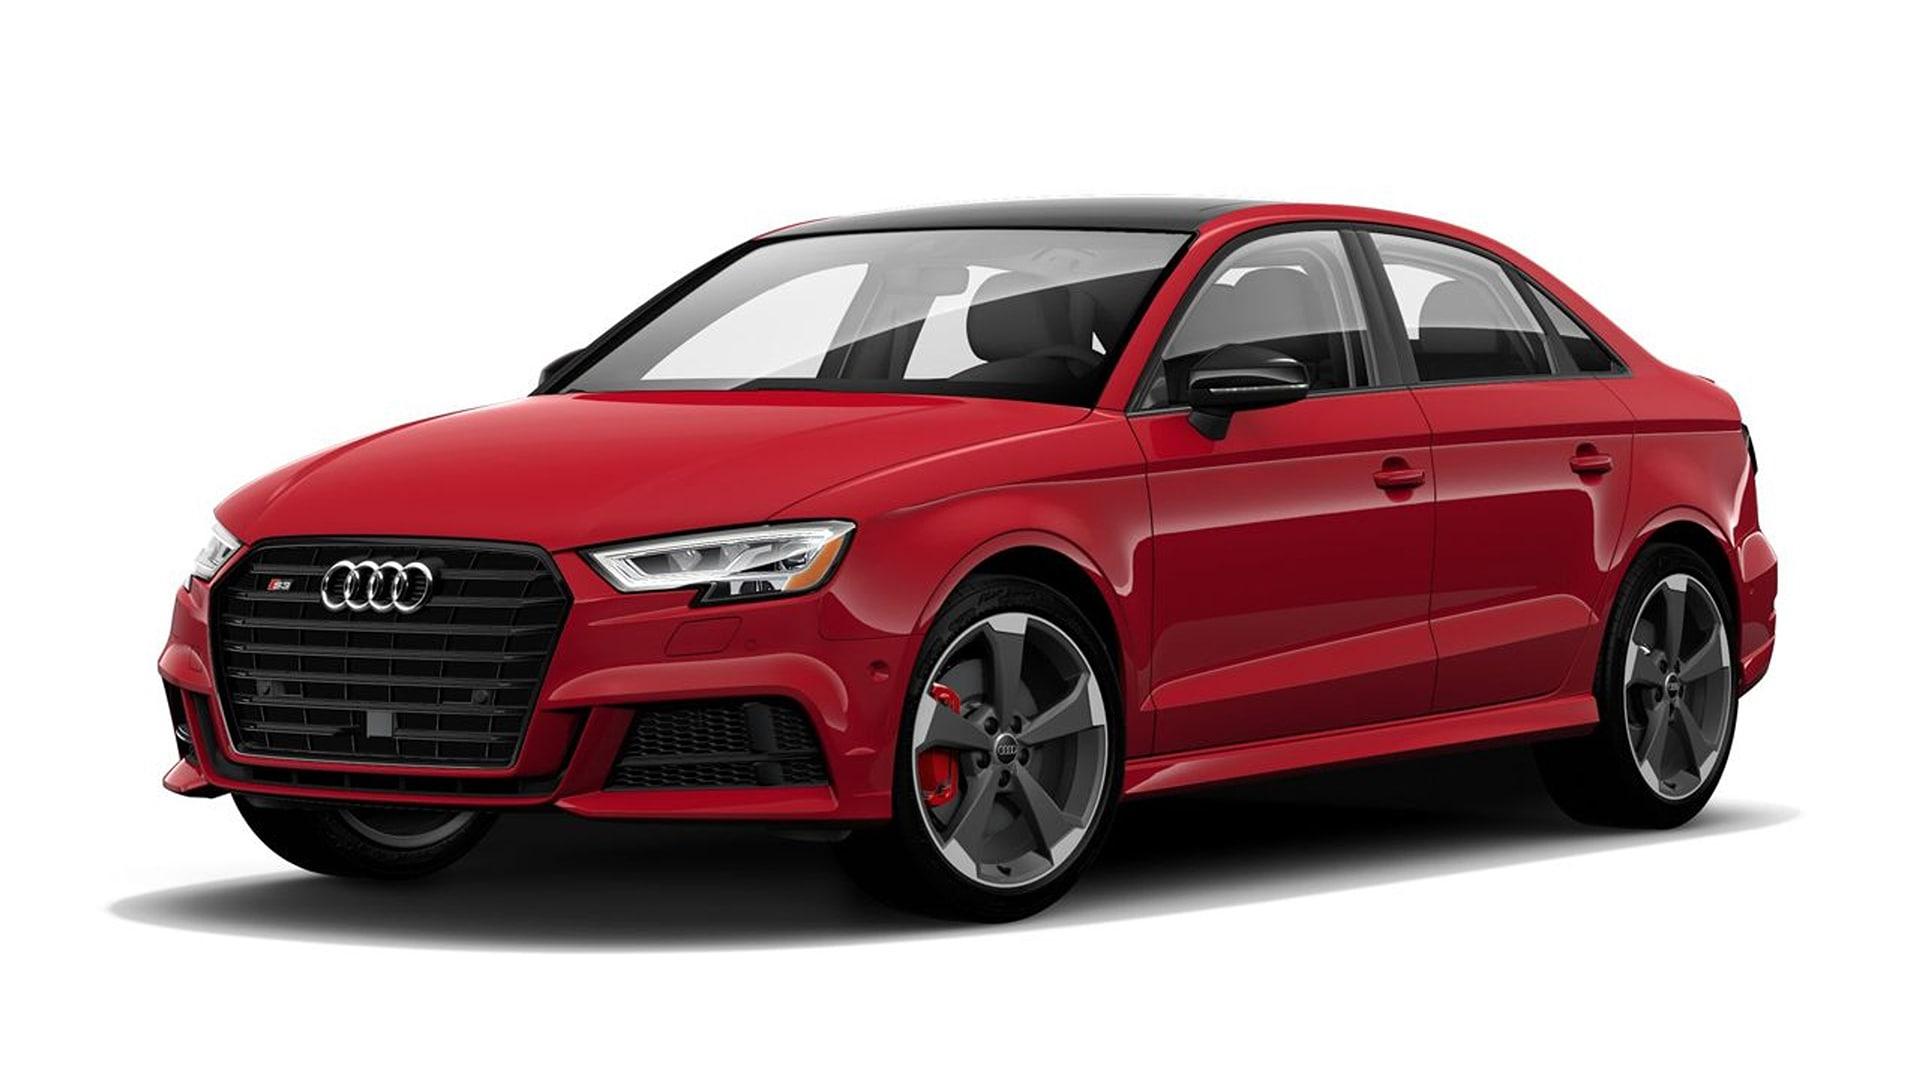 2020 Audi S3 Sedan Luxury Sport Sedan Audi Usa